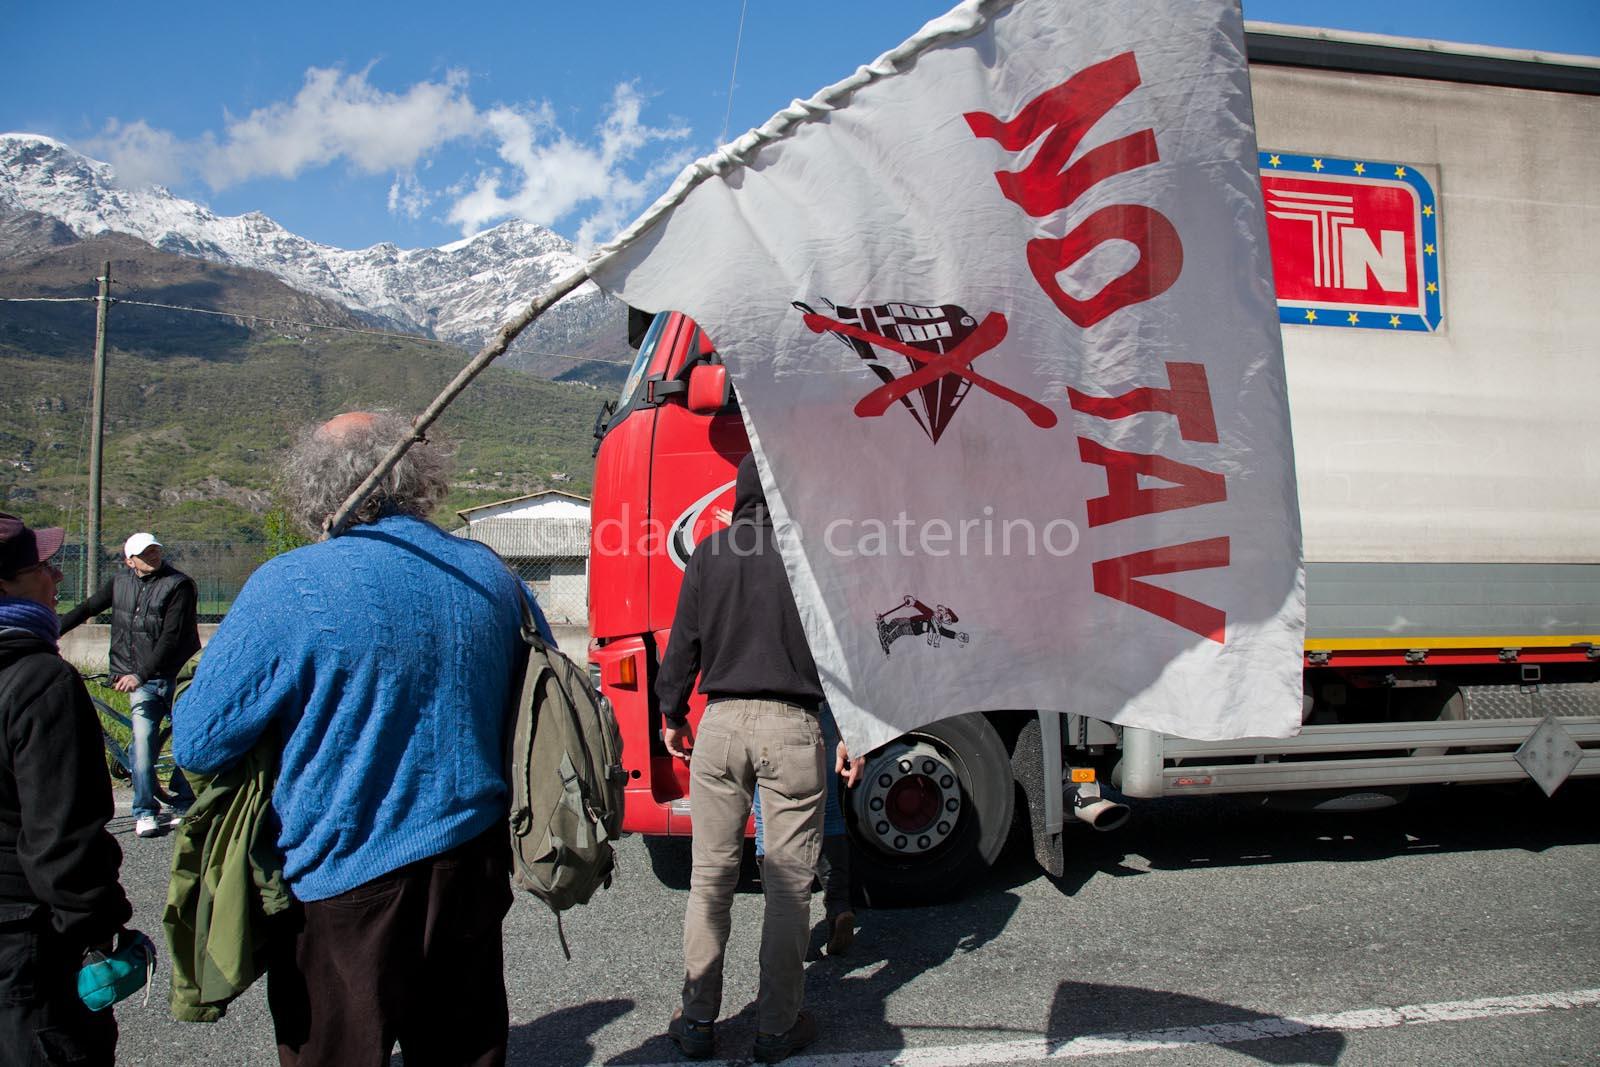 Chiomonte, Val di Susa - Giornata degli espropri per la Tav - Manifestazione no Tav